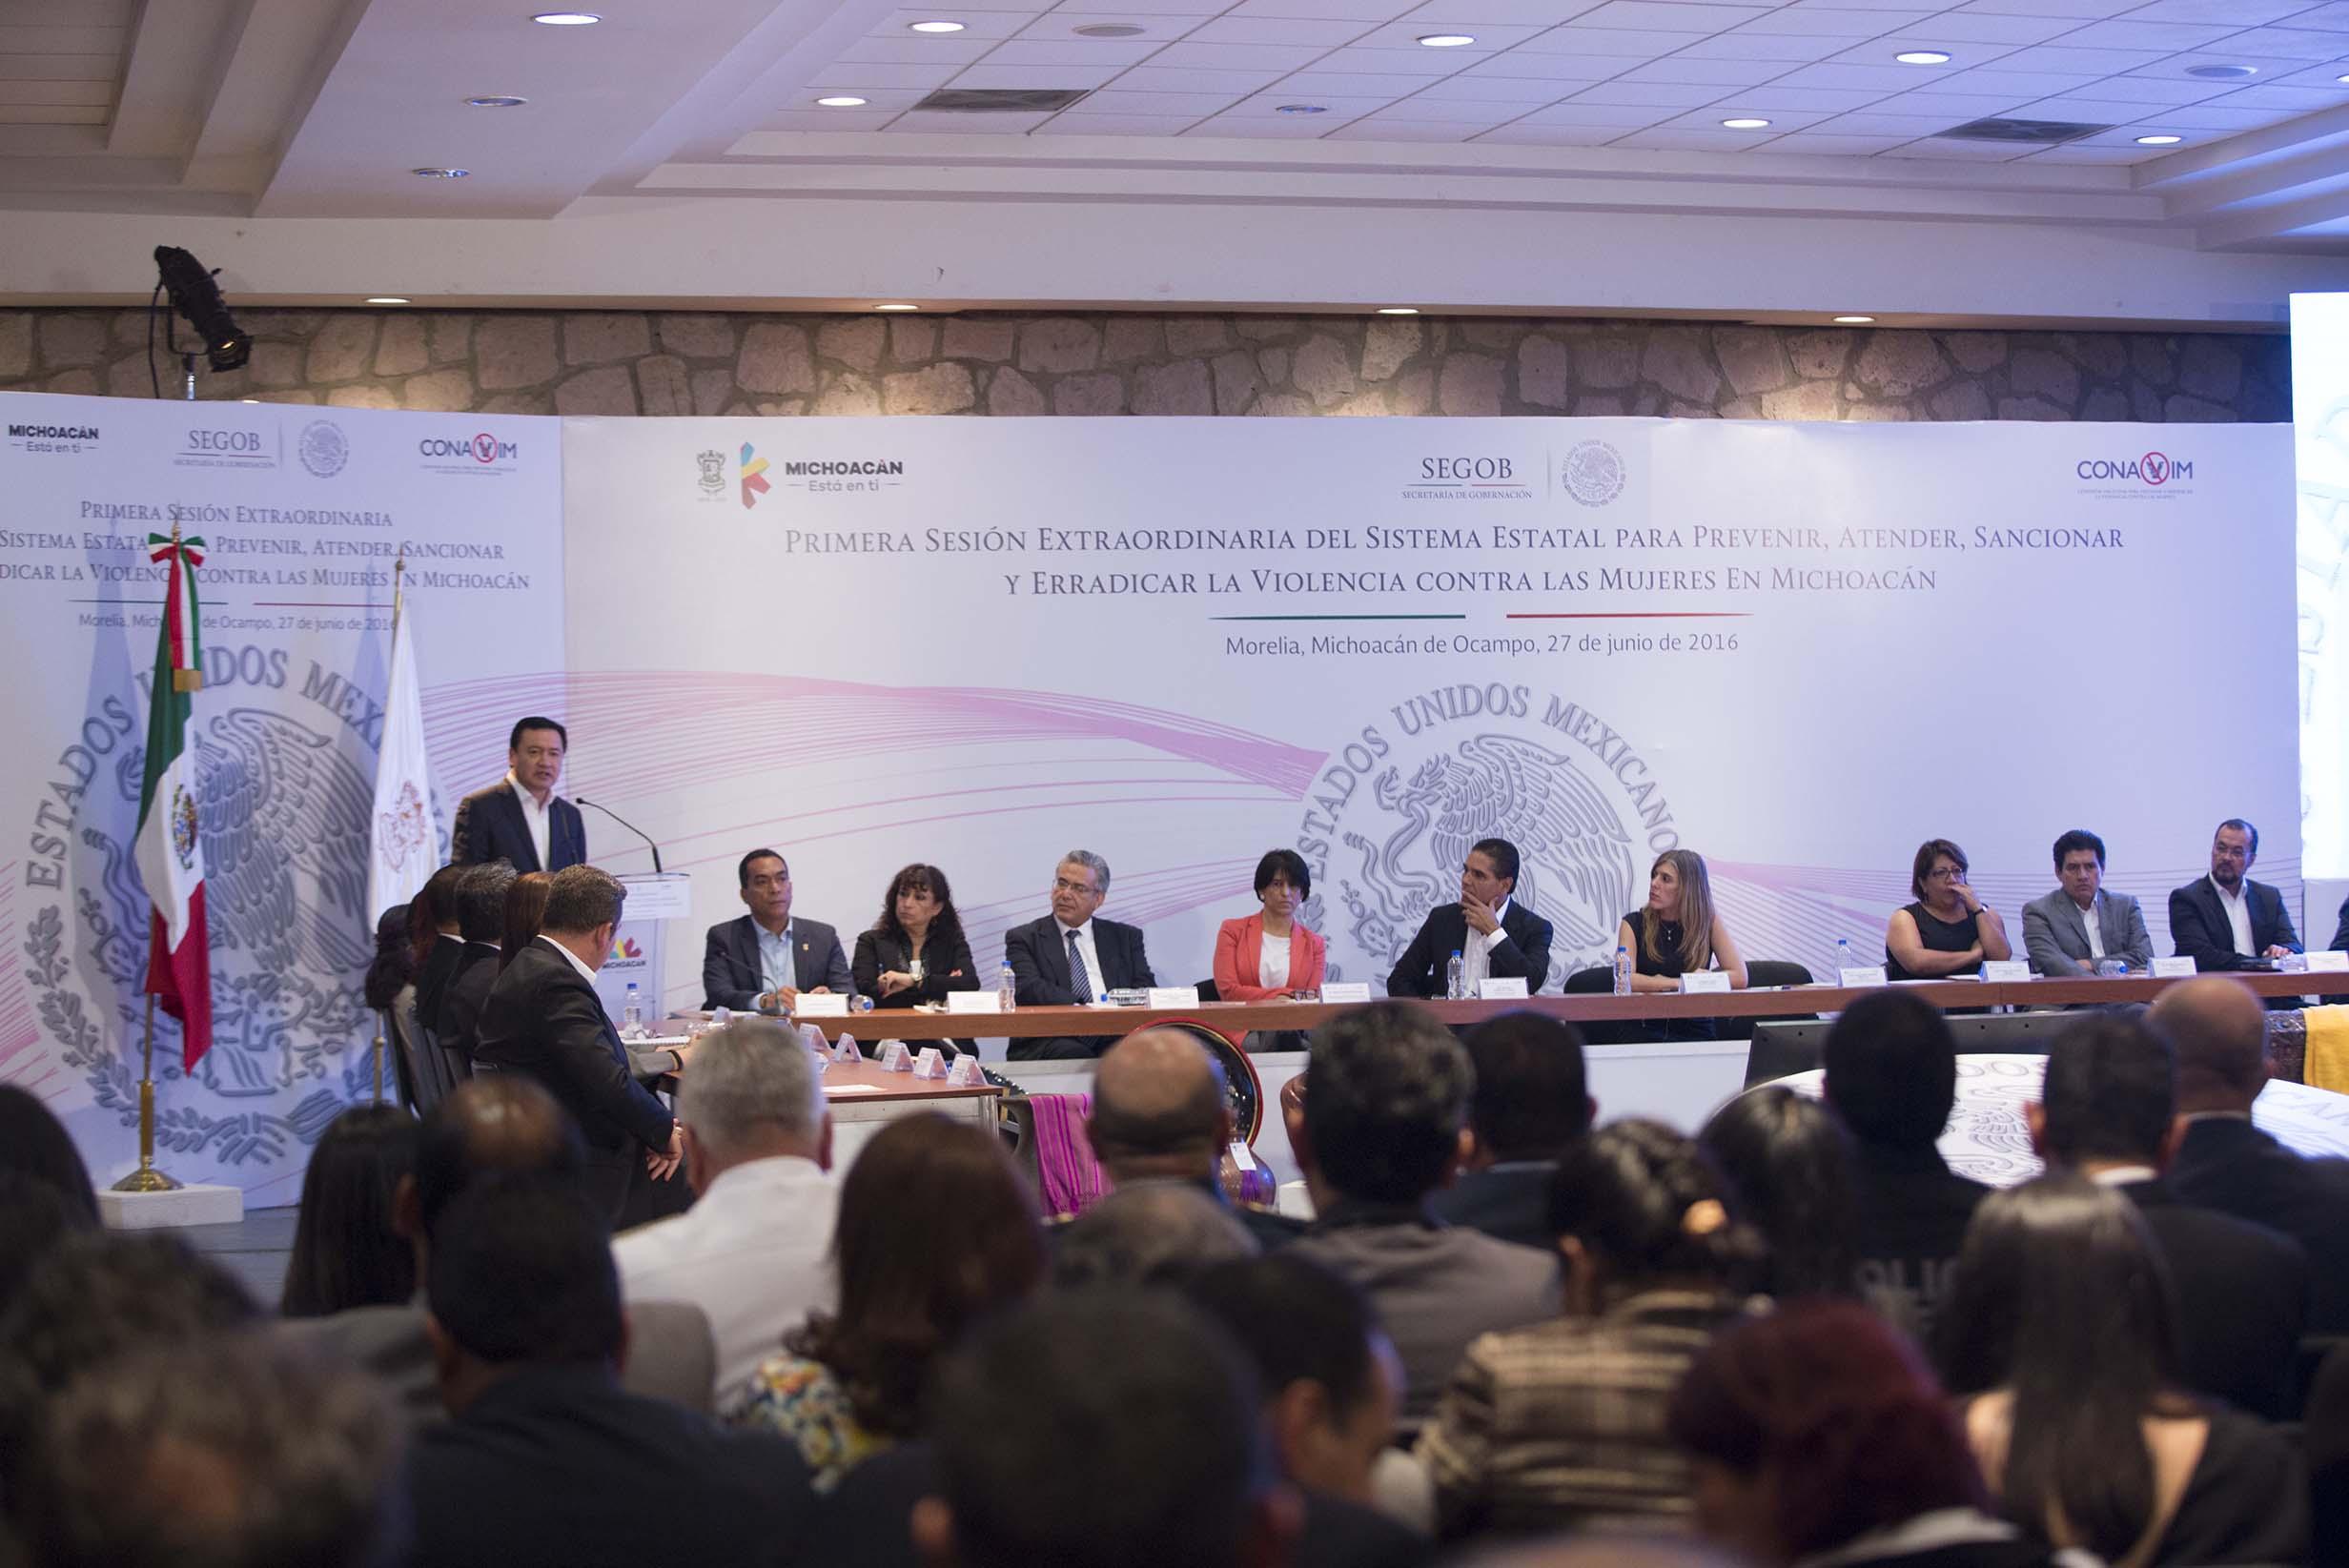 El Secretario de Gobernación, Miguel Ángel Osorio Chong, durante la Primera Sesión Extraordinaria del Sistema Estatal para Prevenir, Atender, Sancionar y Erradicar la Violencia contra las Mujeres en Michoacán